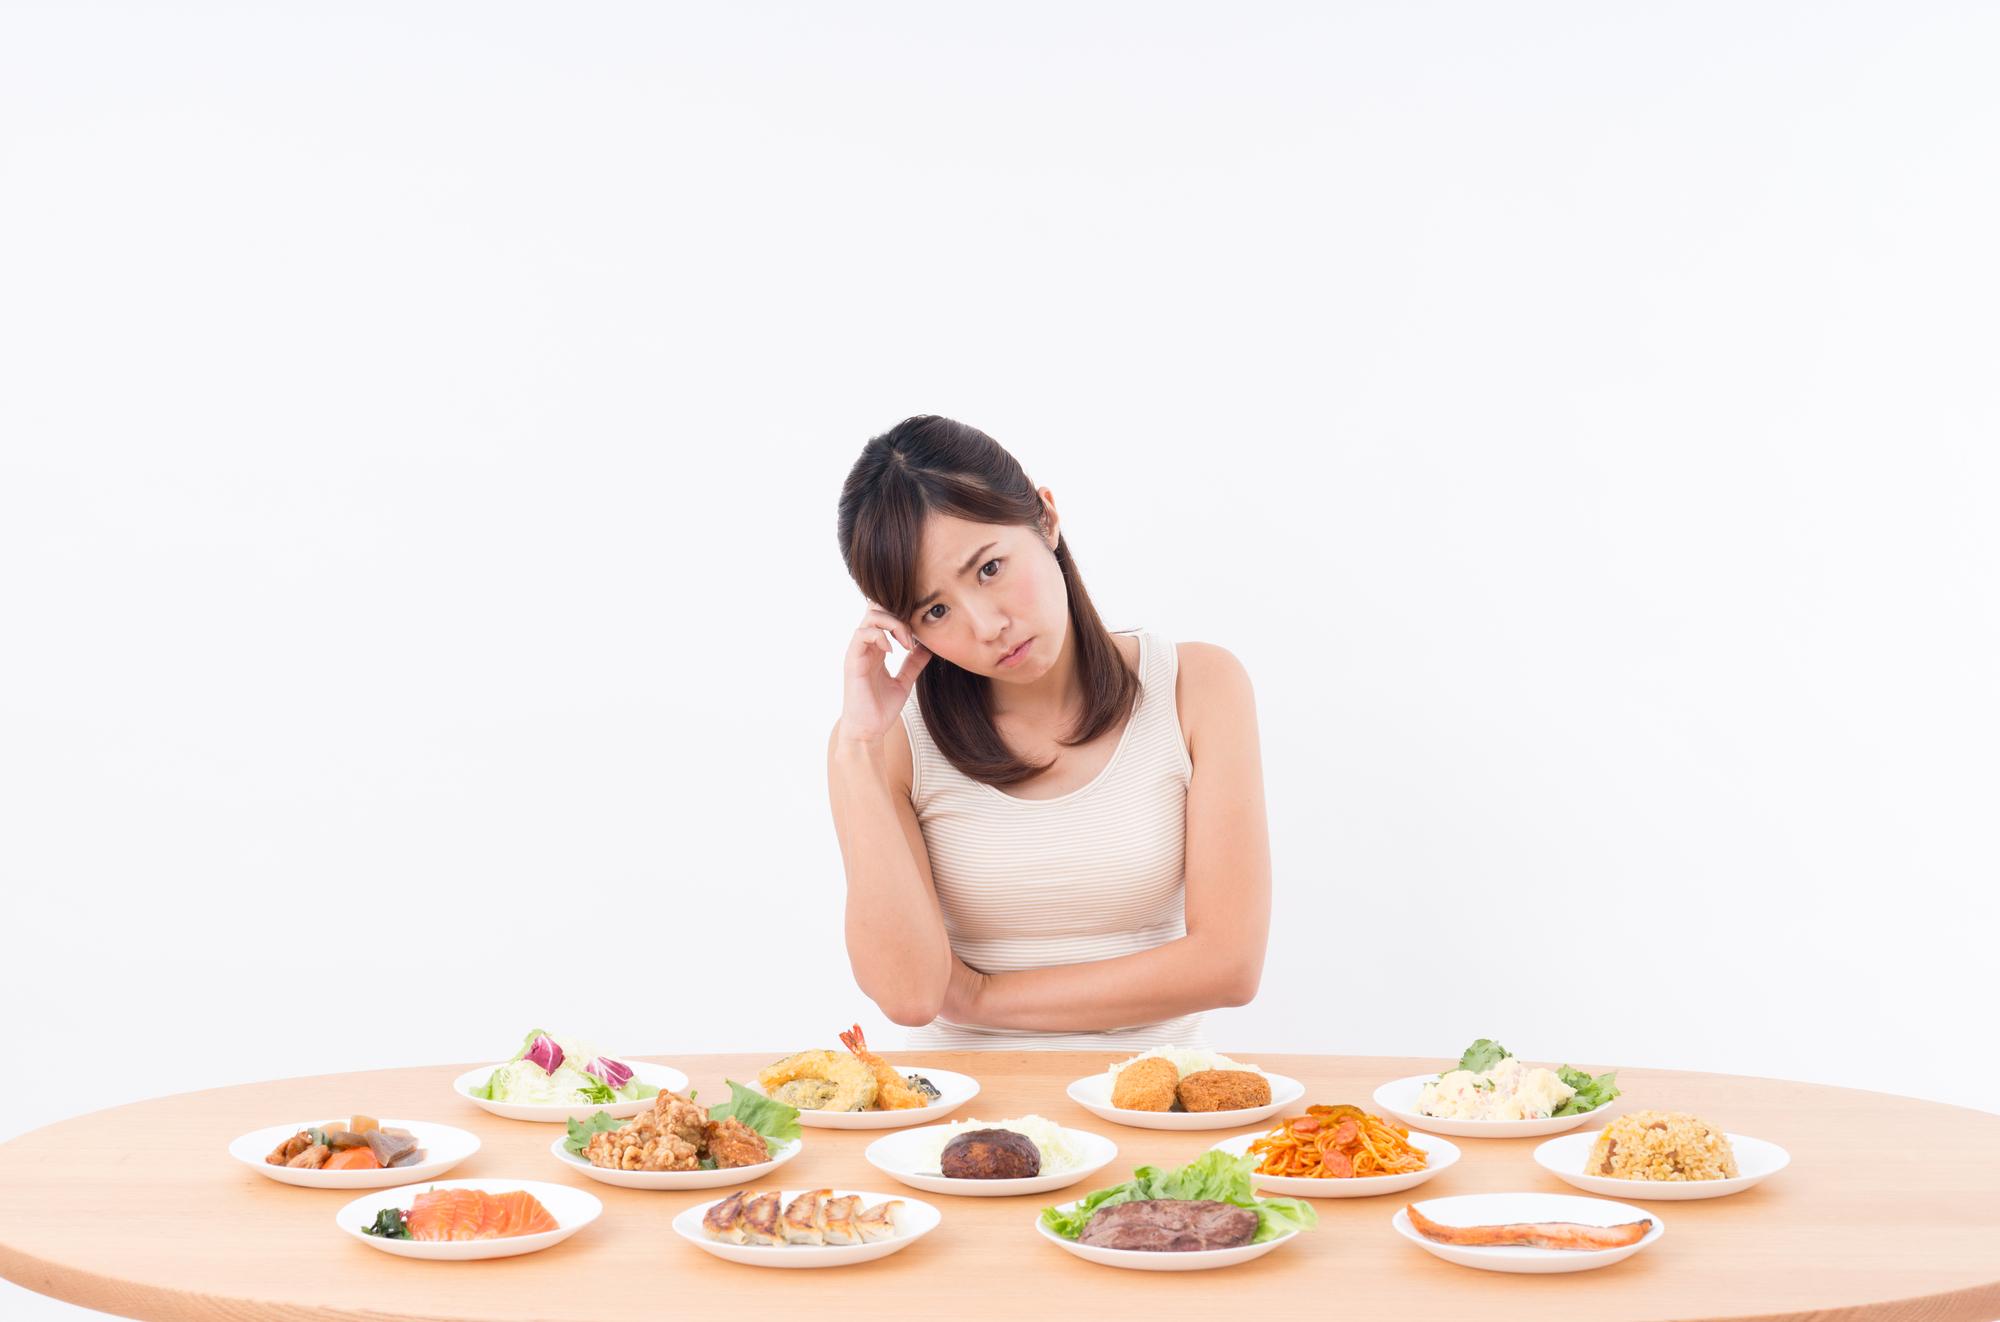 ダイエットに効果的な食事・NGな食事